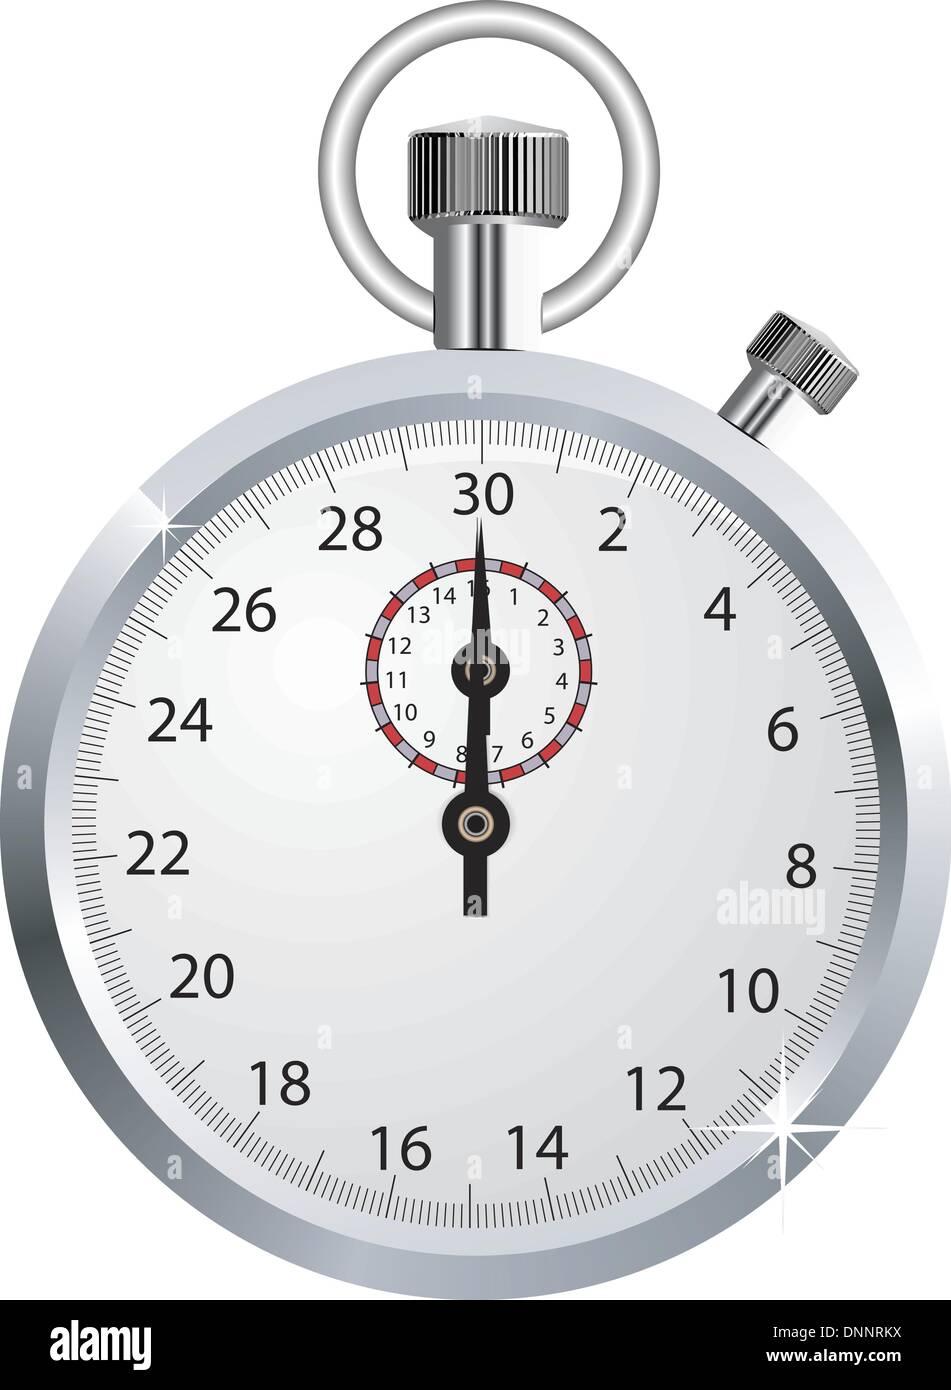 Cronometro del vettore Immagini Stock